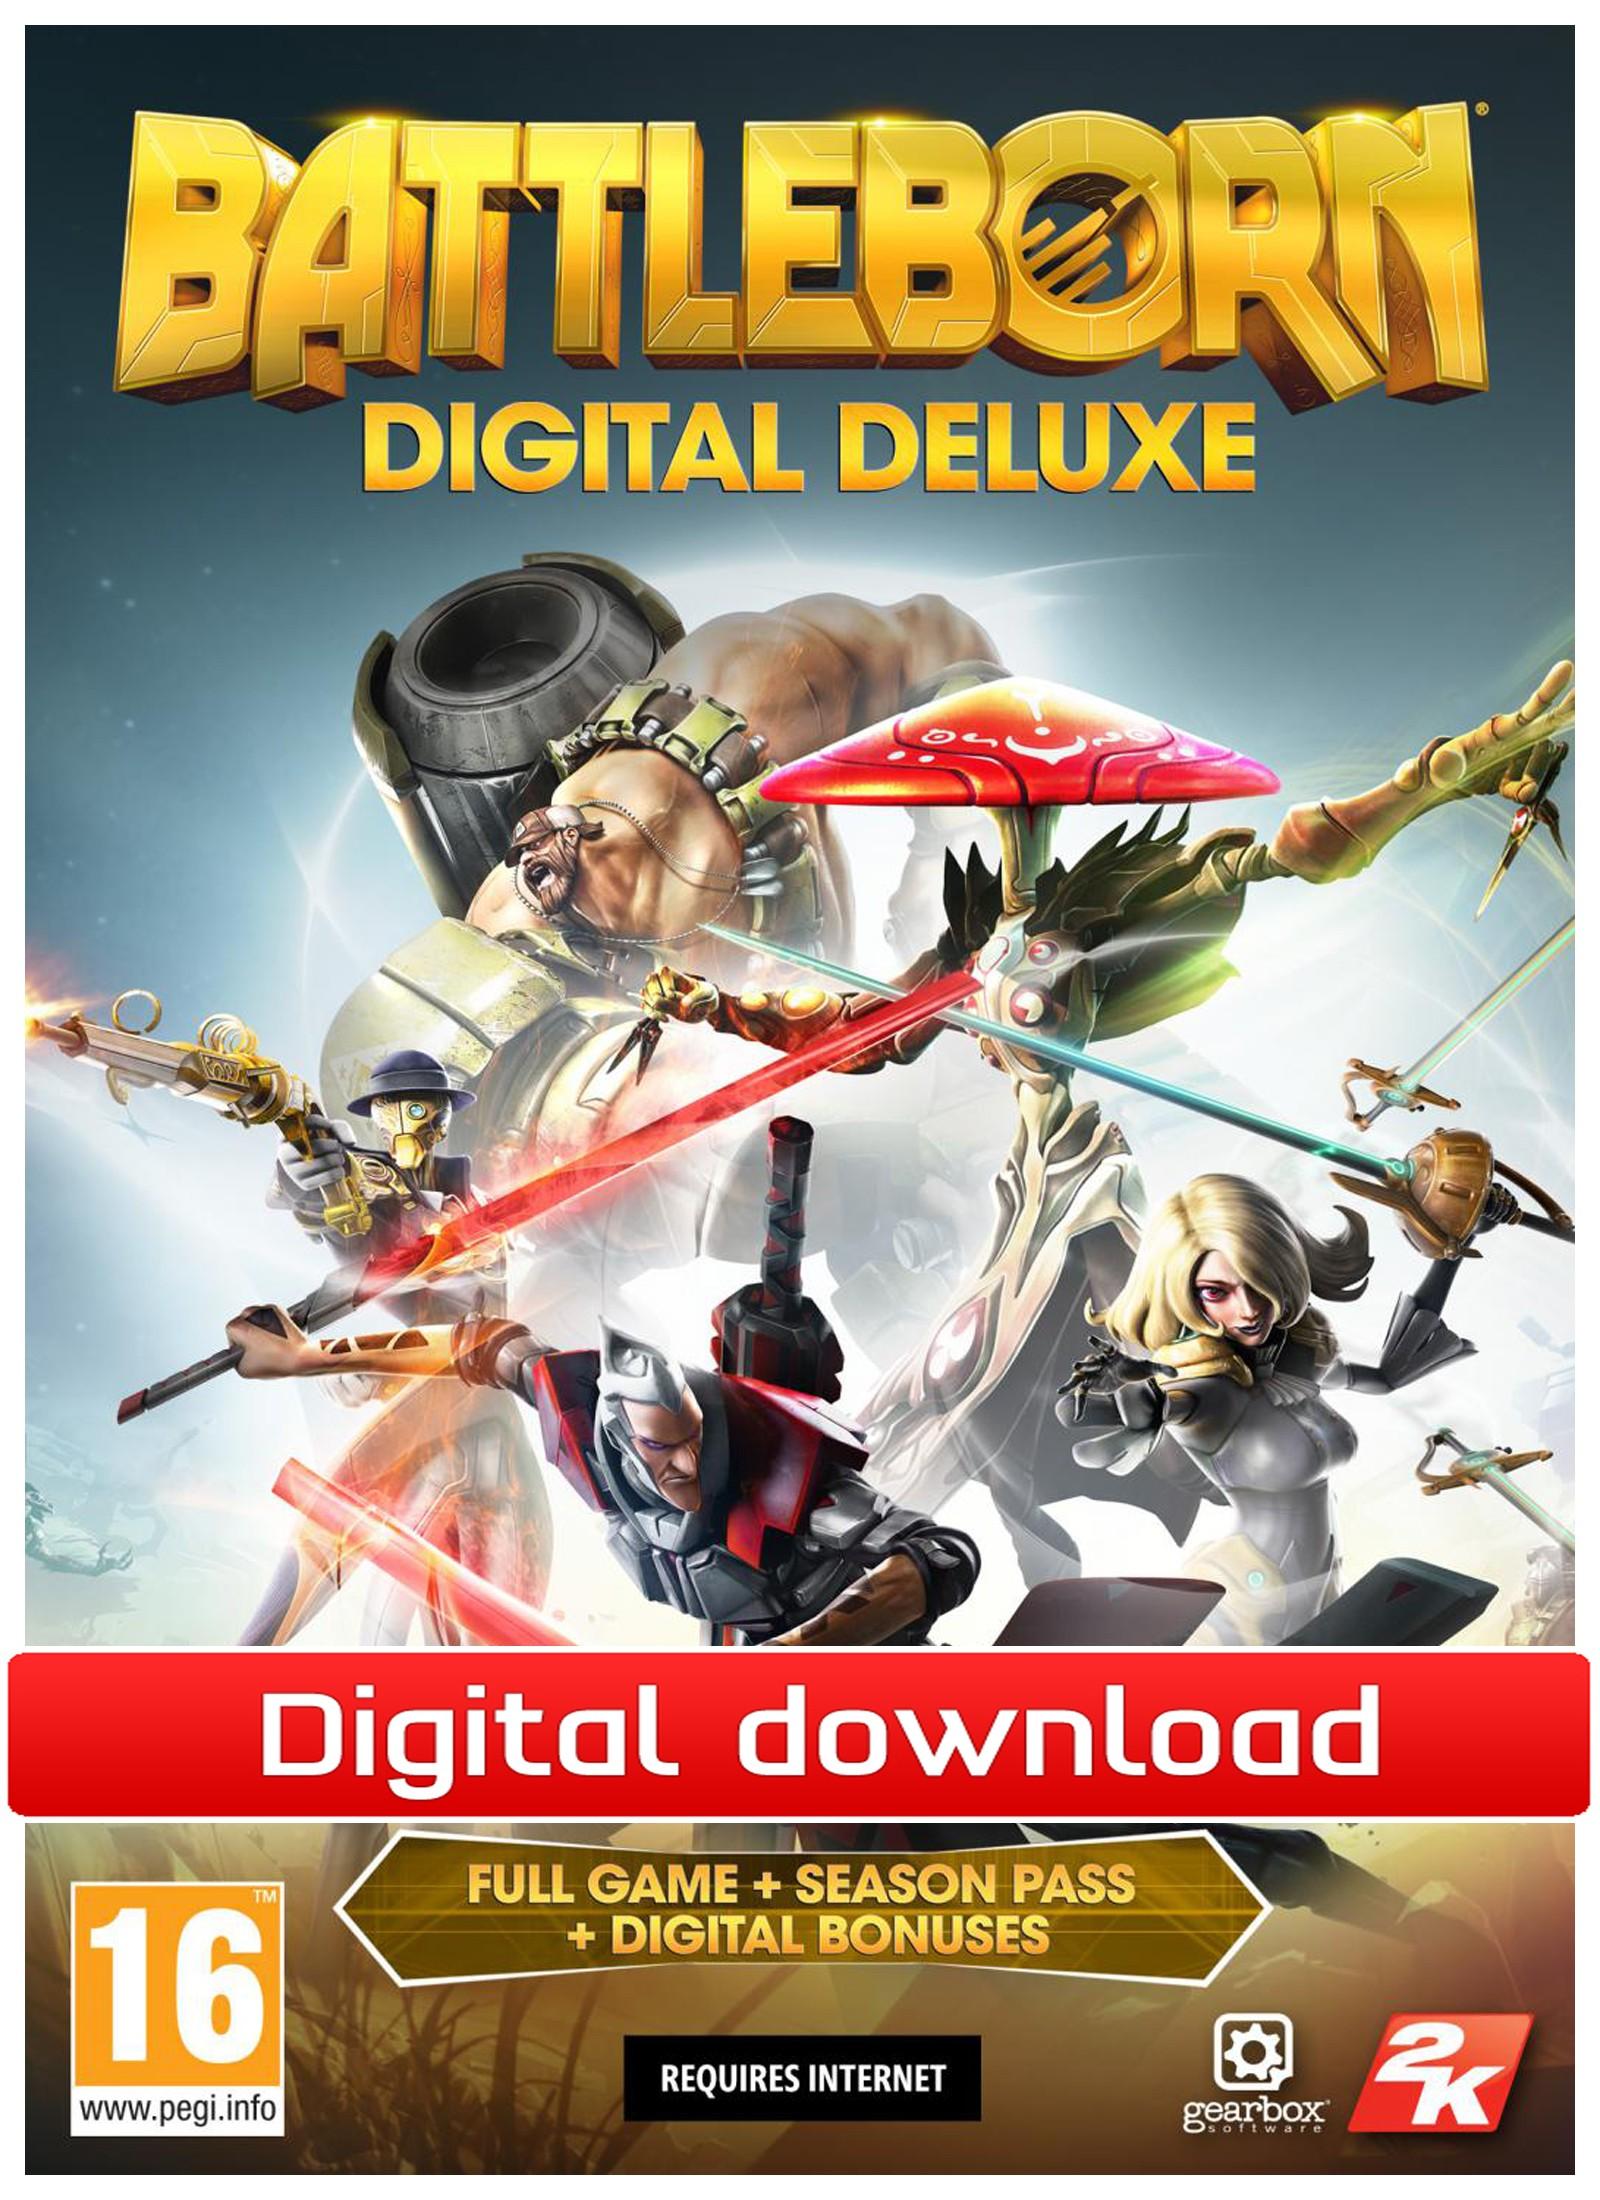 Battleborn Digital Deluxe (PC nedlastning) PCDD39147